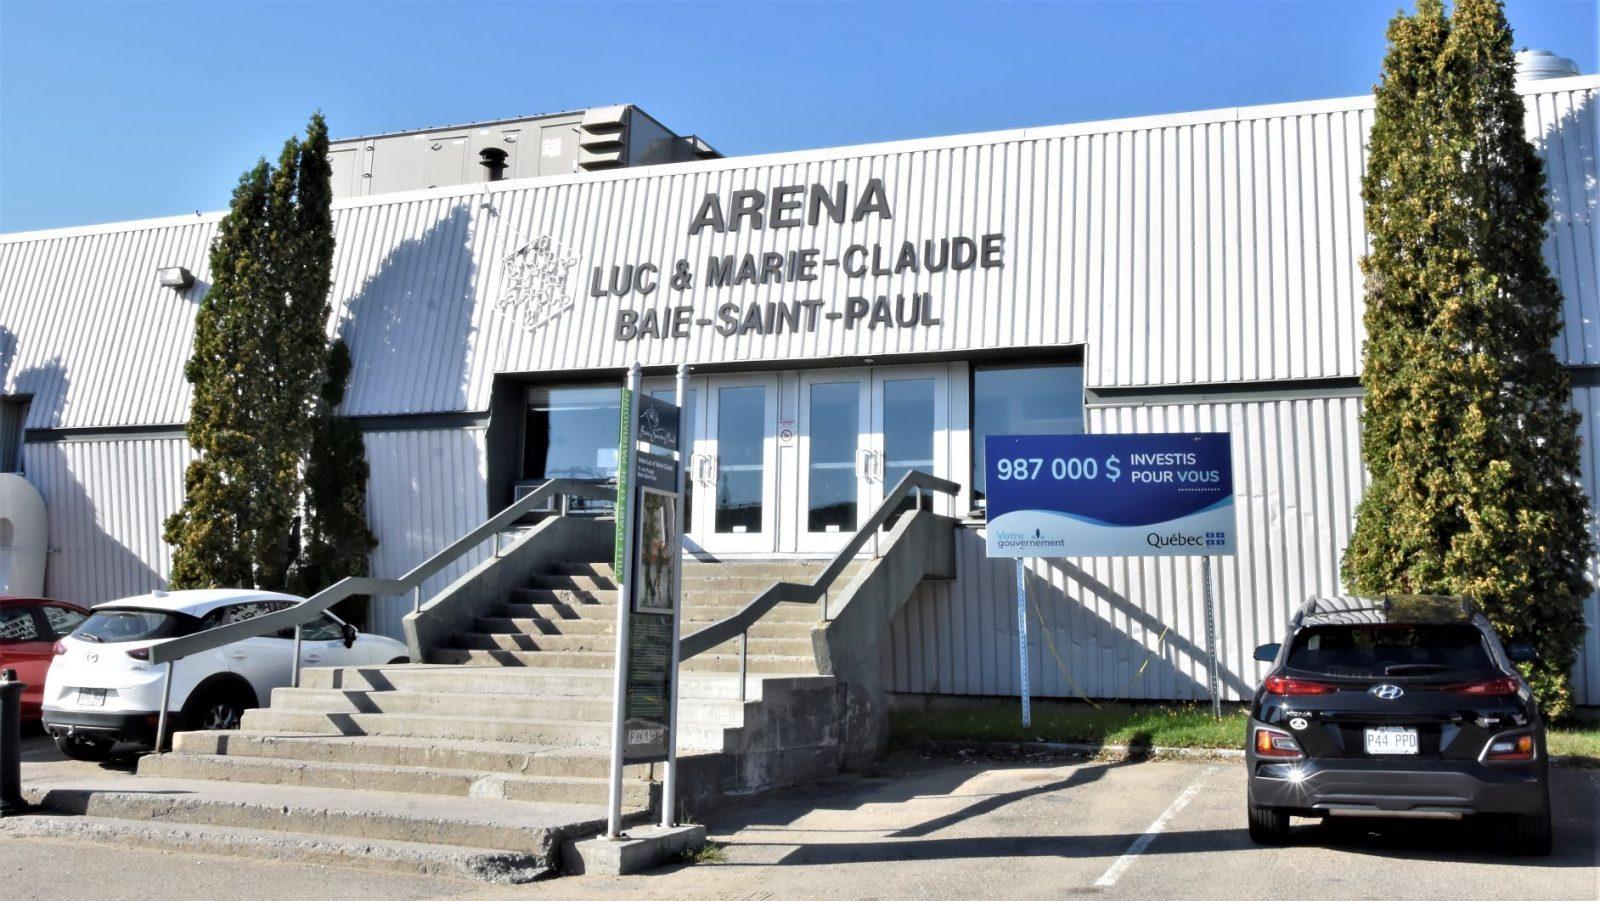 Un match spécial bantam BB dimanche à Baie-Saint-Paul